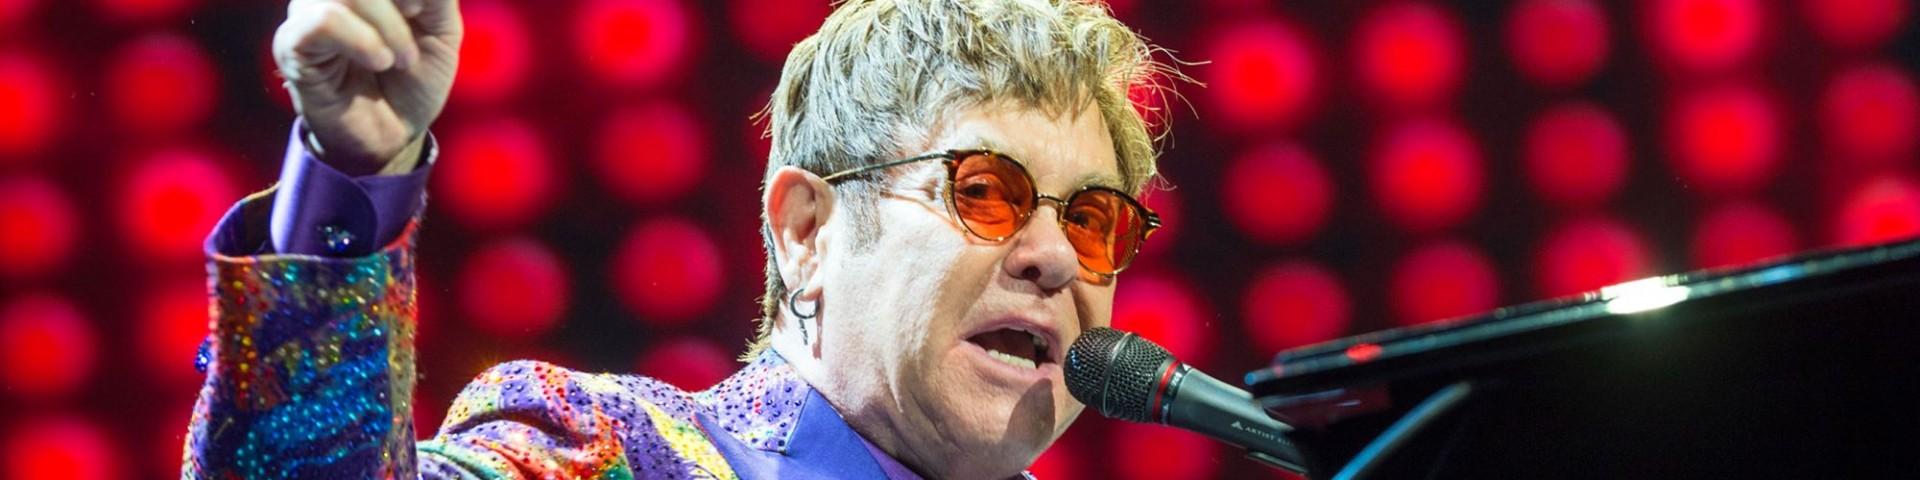 Elton John in concerto a Lucca – 7 luglio: dove è, biglietti, scaletta e ospiti